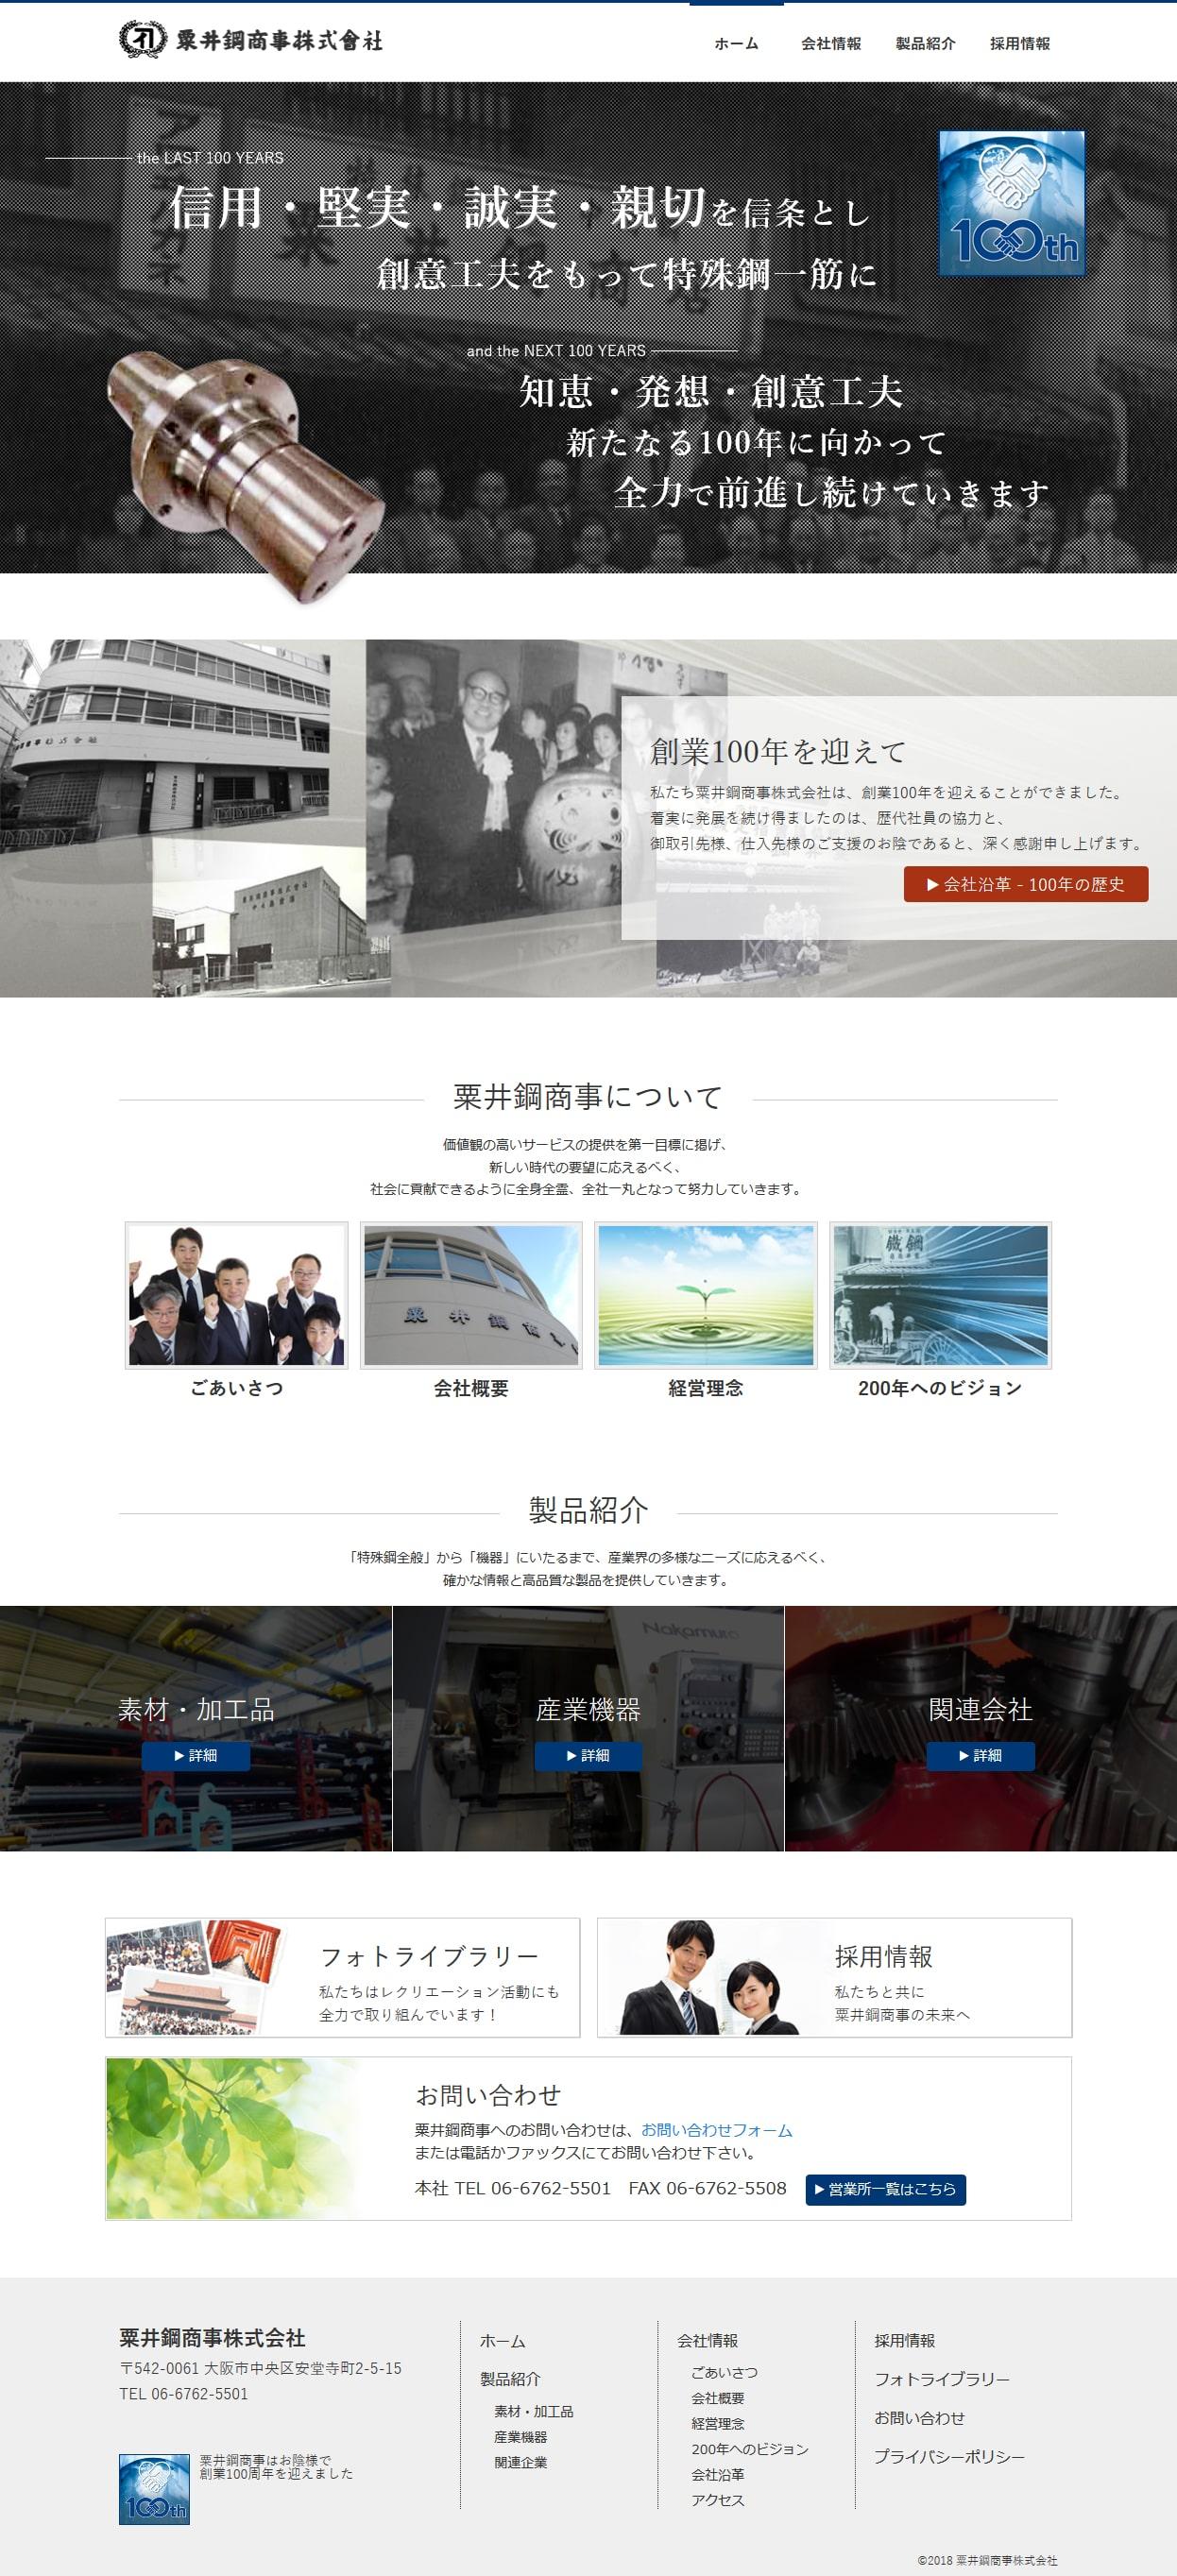 粟井鋼商事株式会社 様